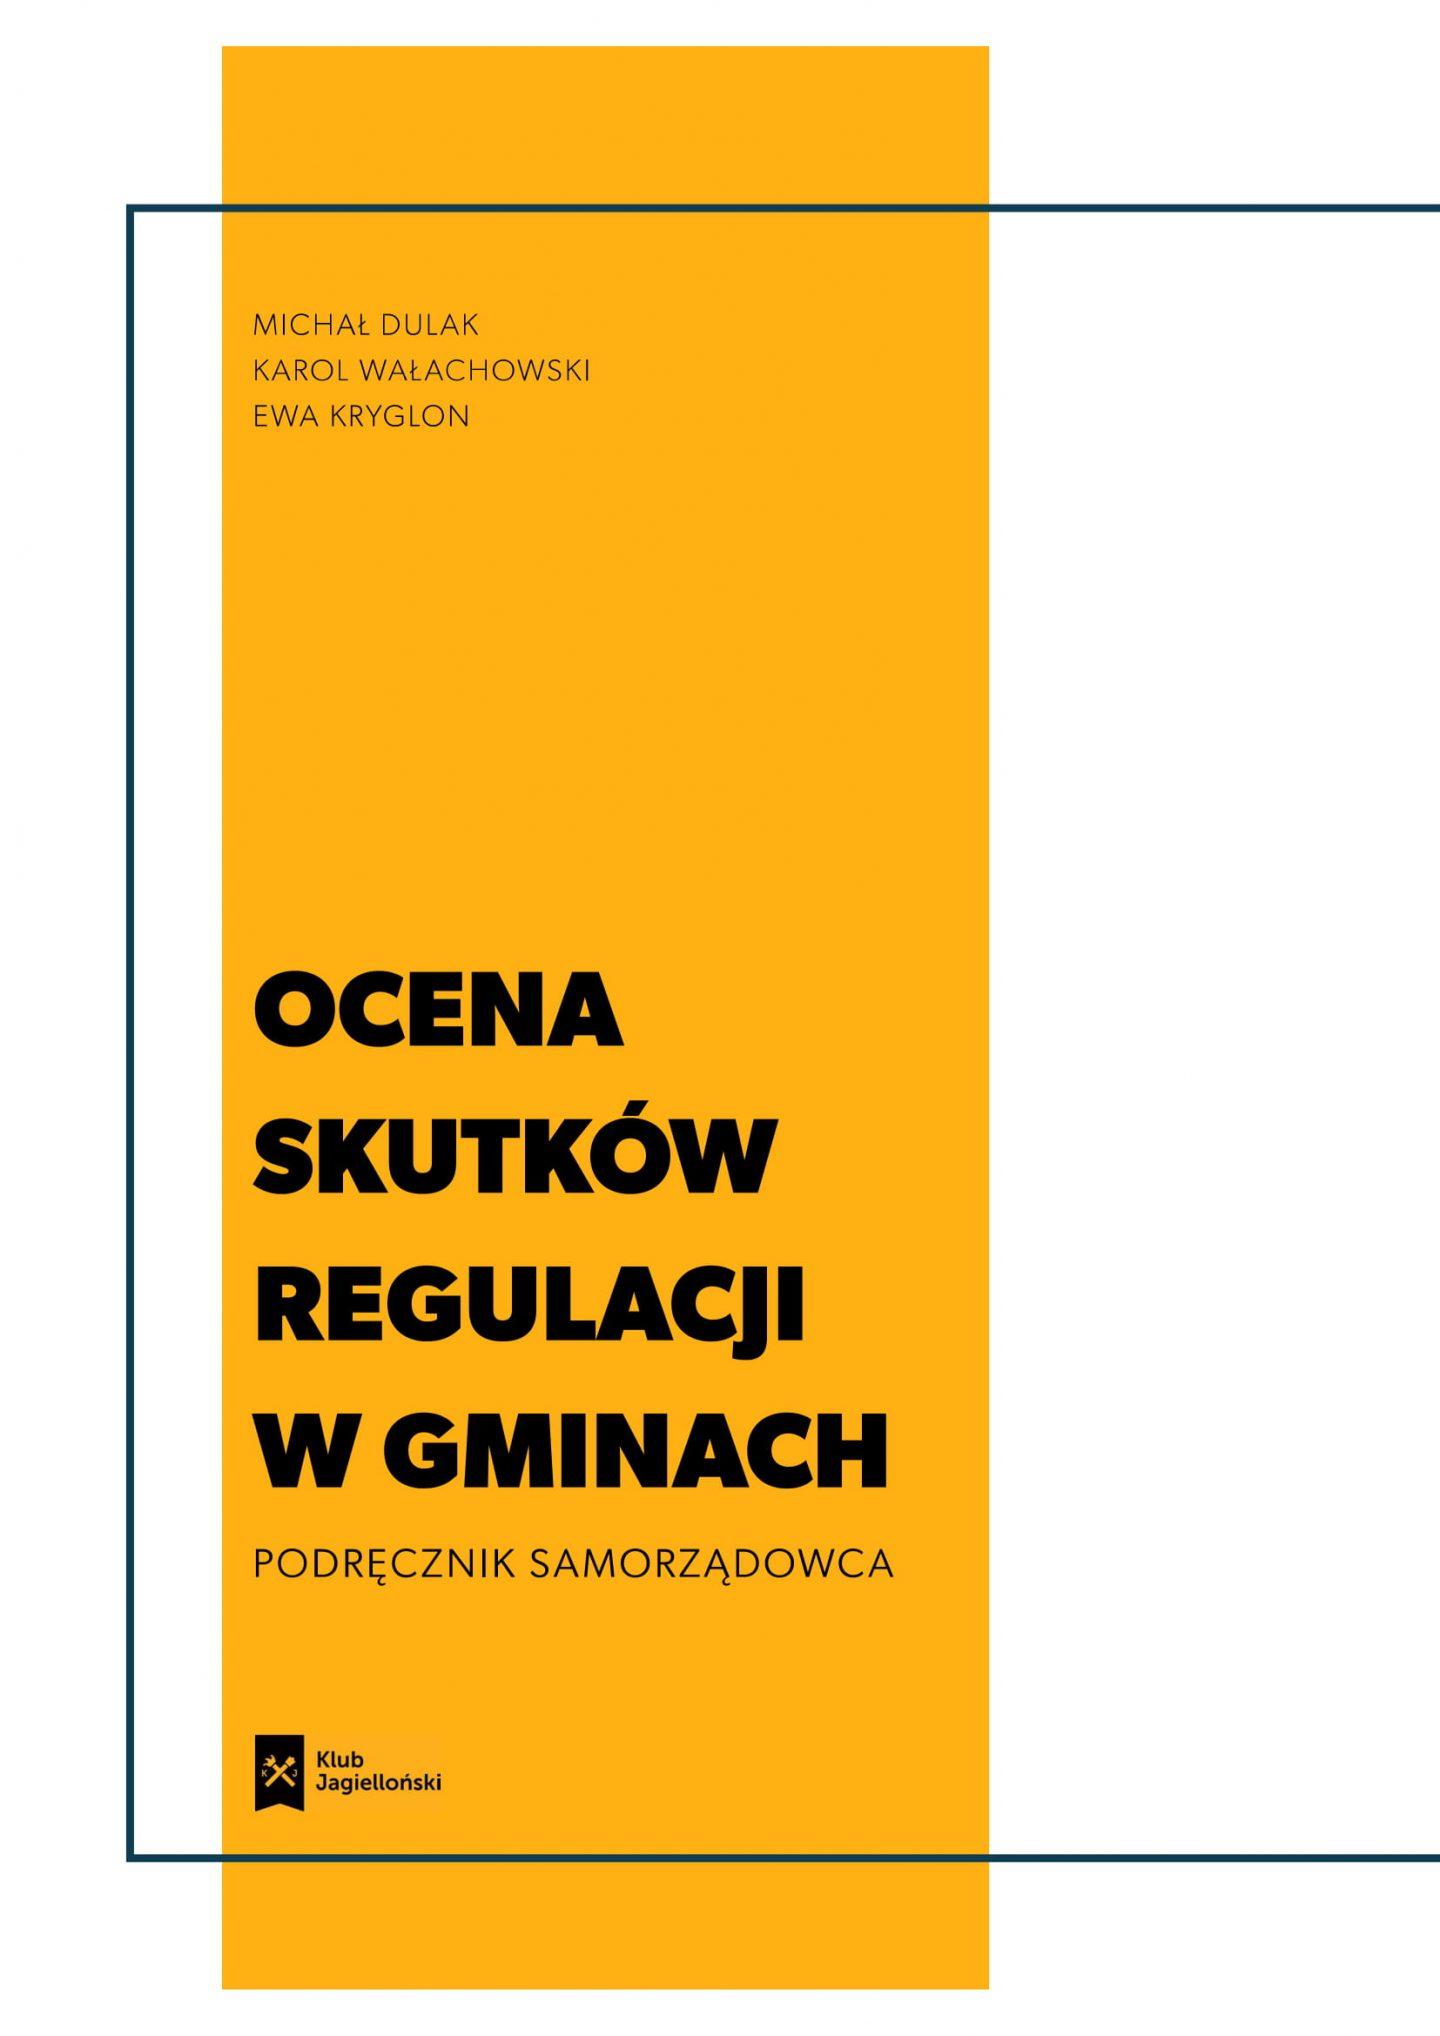 Ocena skutków regulacji w gminach. Podręcznik samorządowca [PDF]